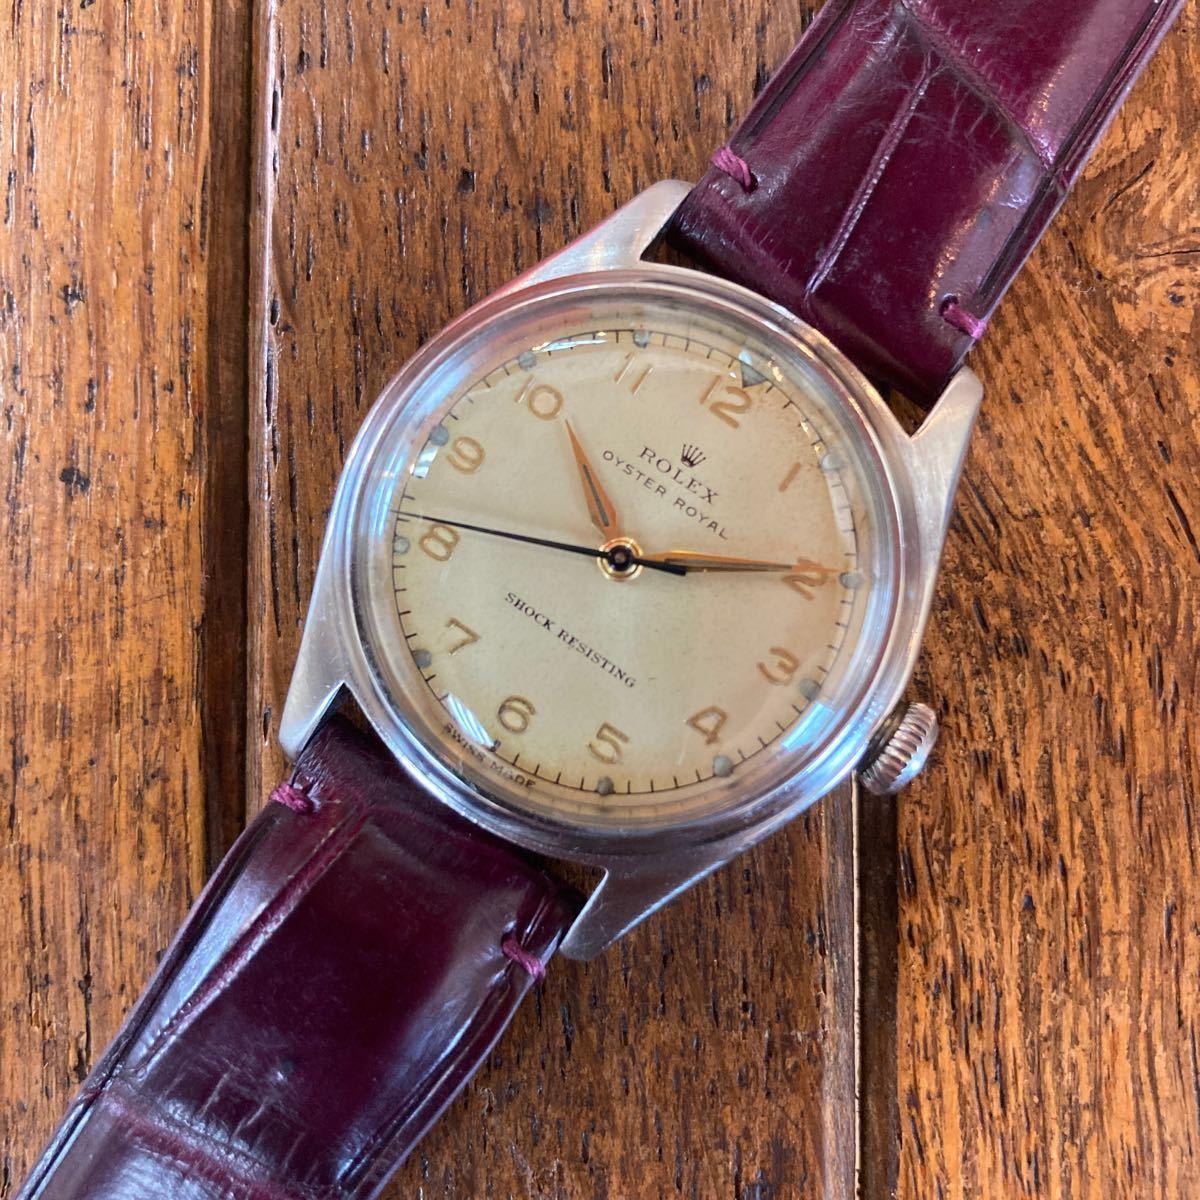 美品 ロレックス ROLEX Ref. 4444 オイスターロイヤル オリジナルリューズ 40年代 ヴィンテージ 手巻き